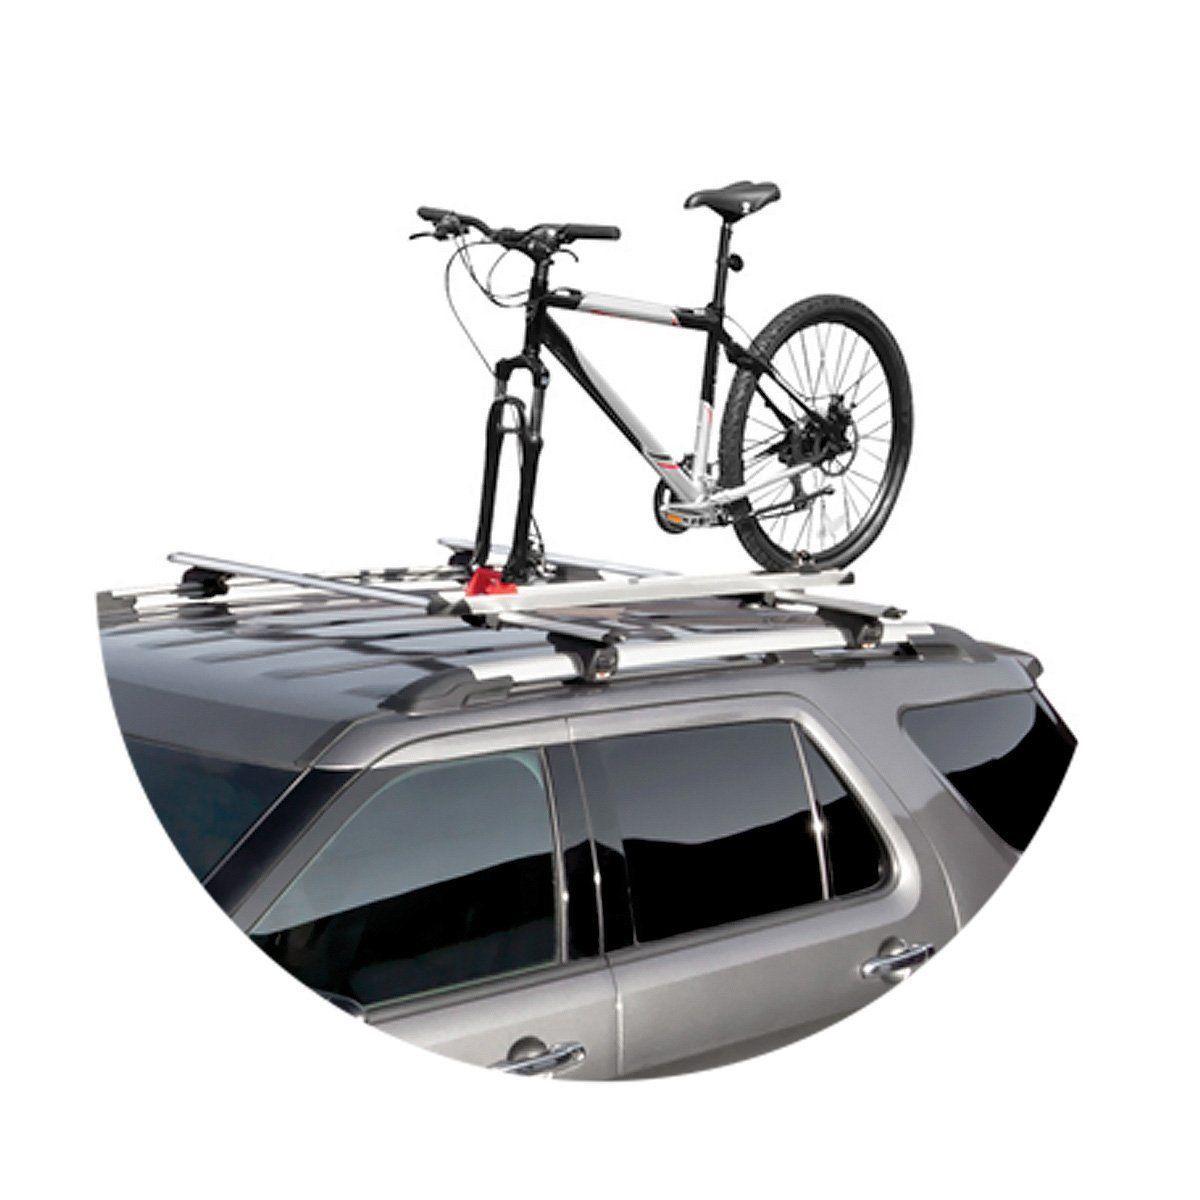 Suporte de Bicicletas Transbike Montagem Garfo 1 Bike Reese